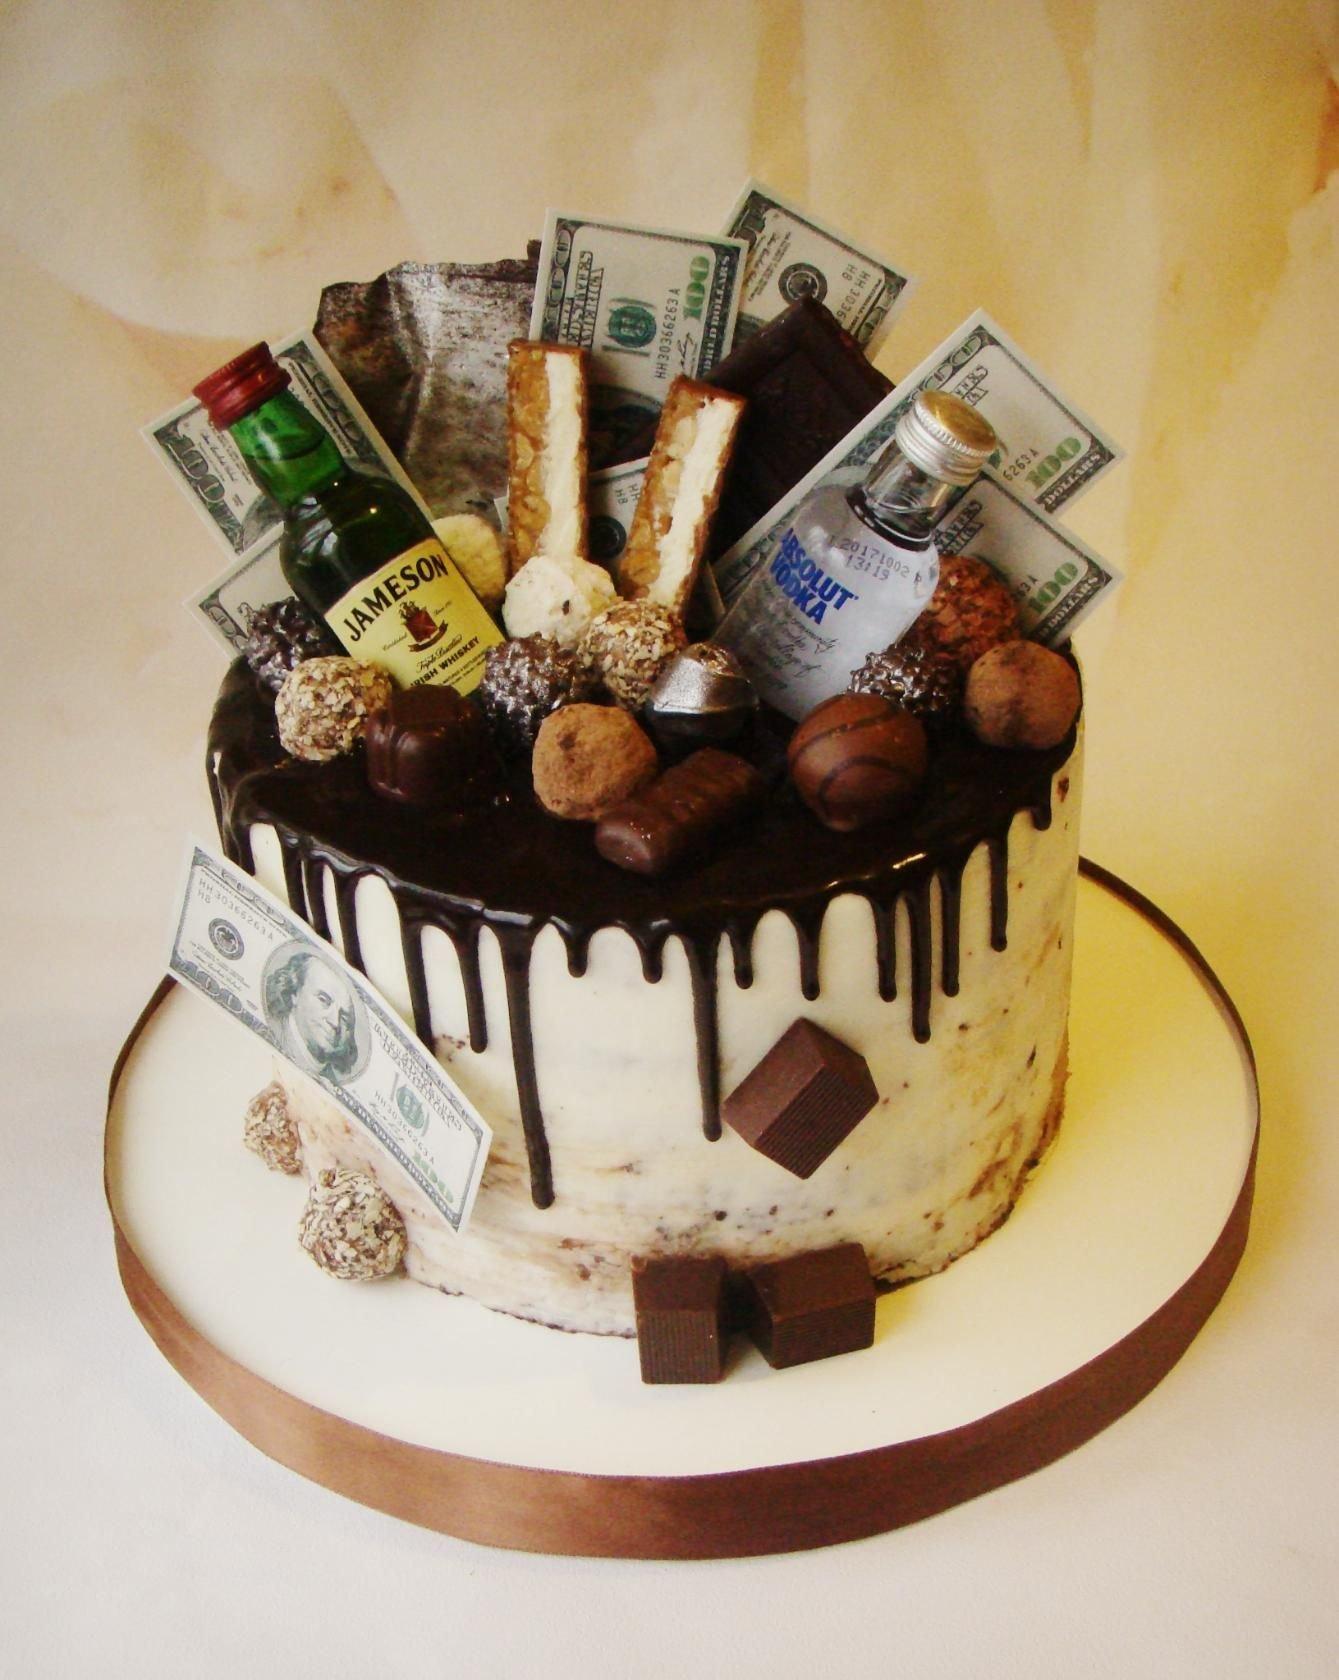 иногда торт для мужа картинка случаются